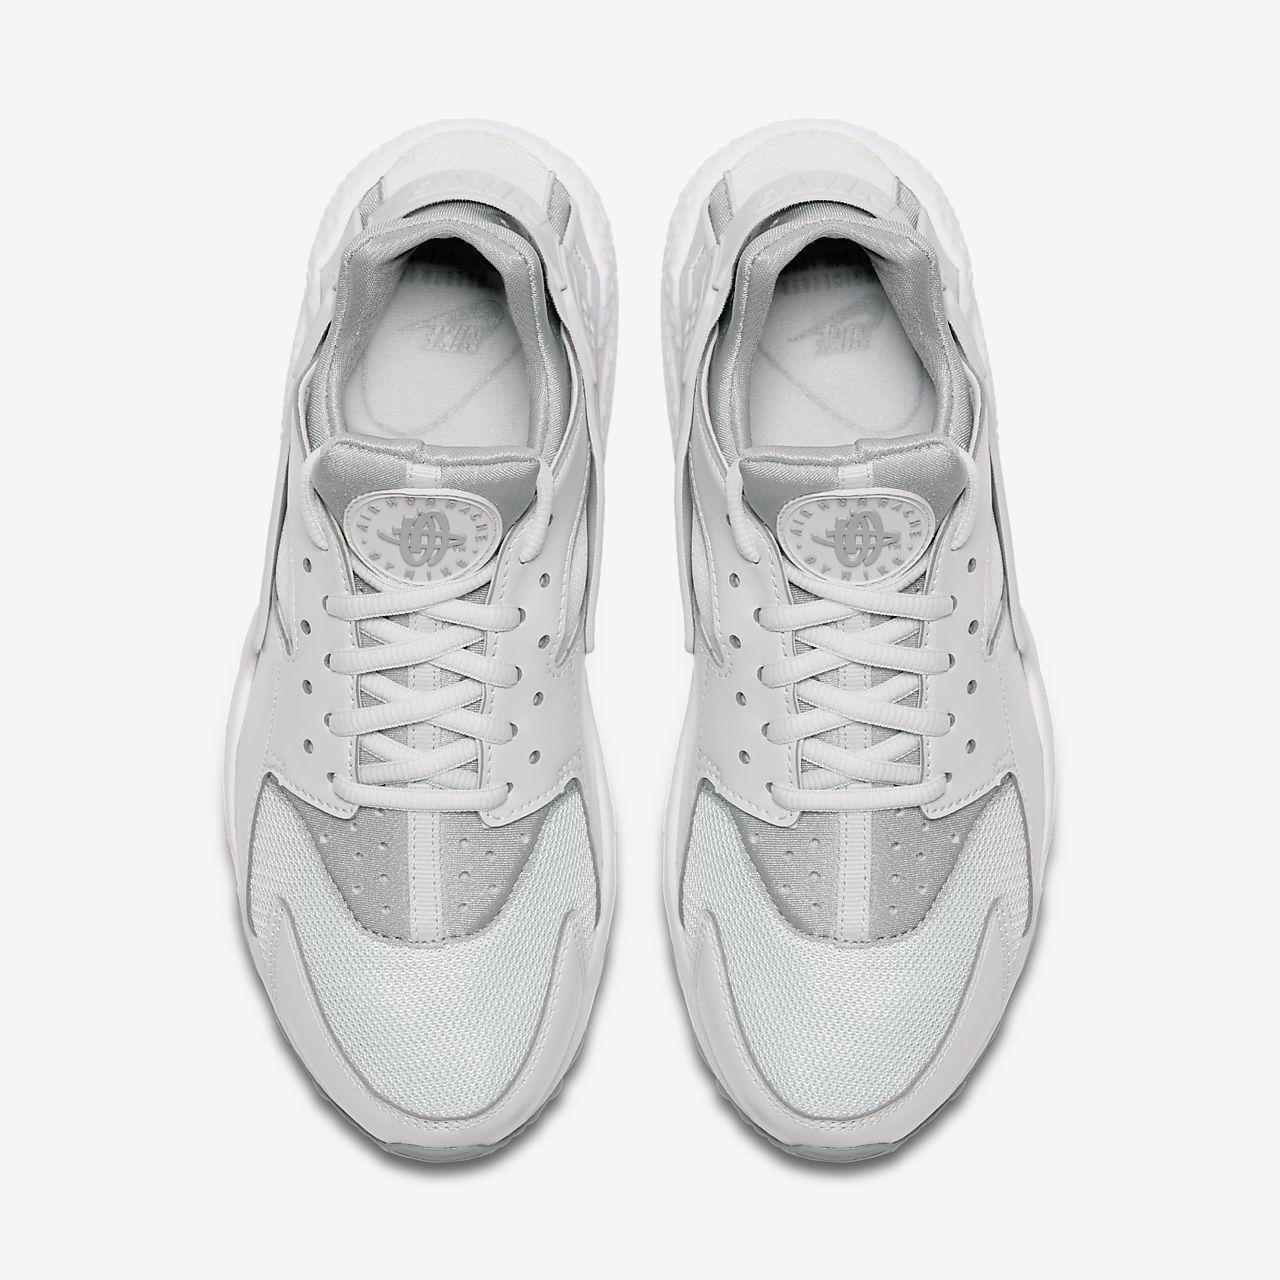 scarpe huarache ragazza bianche